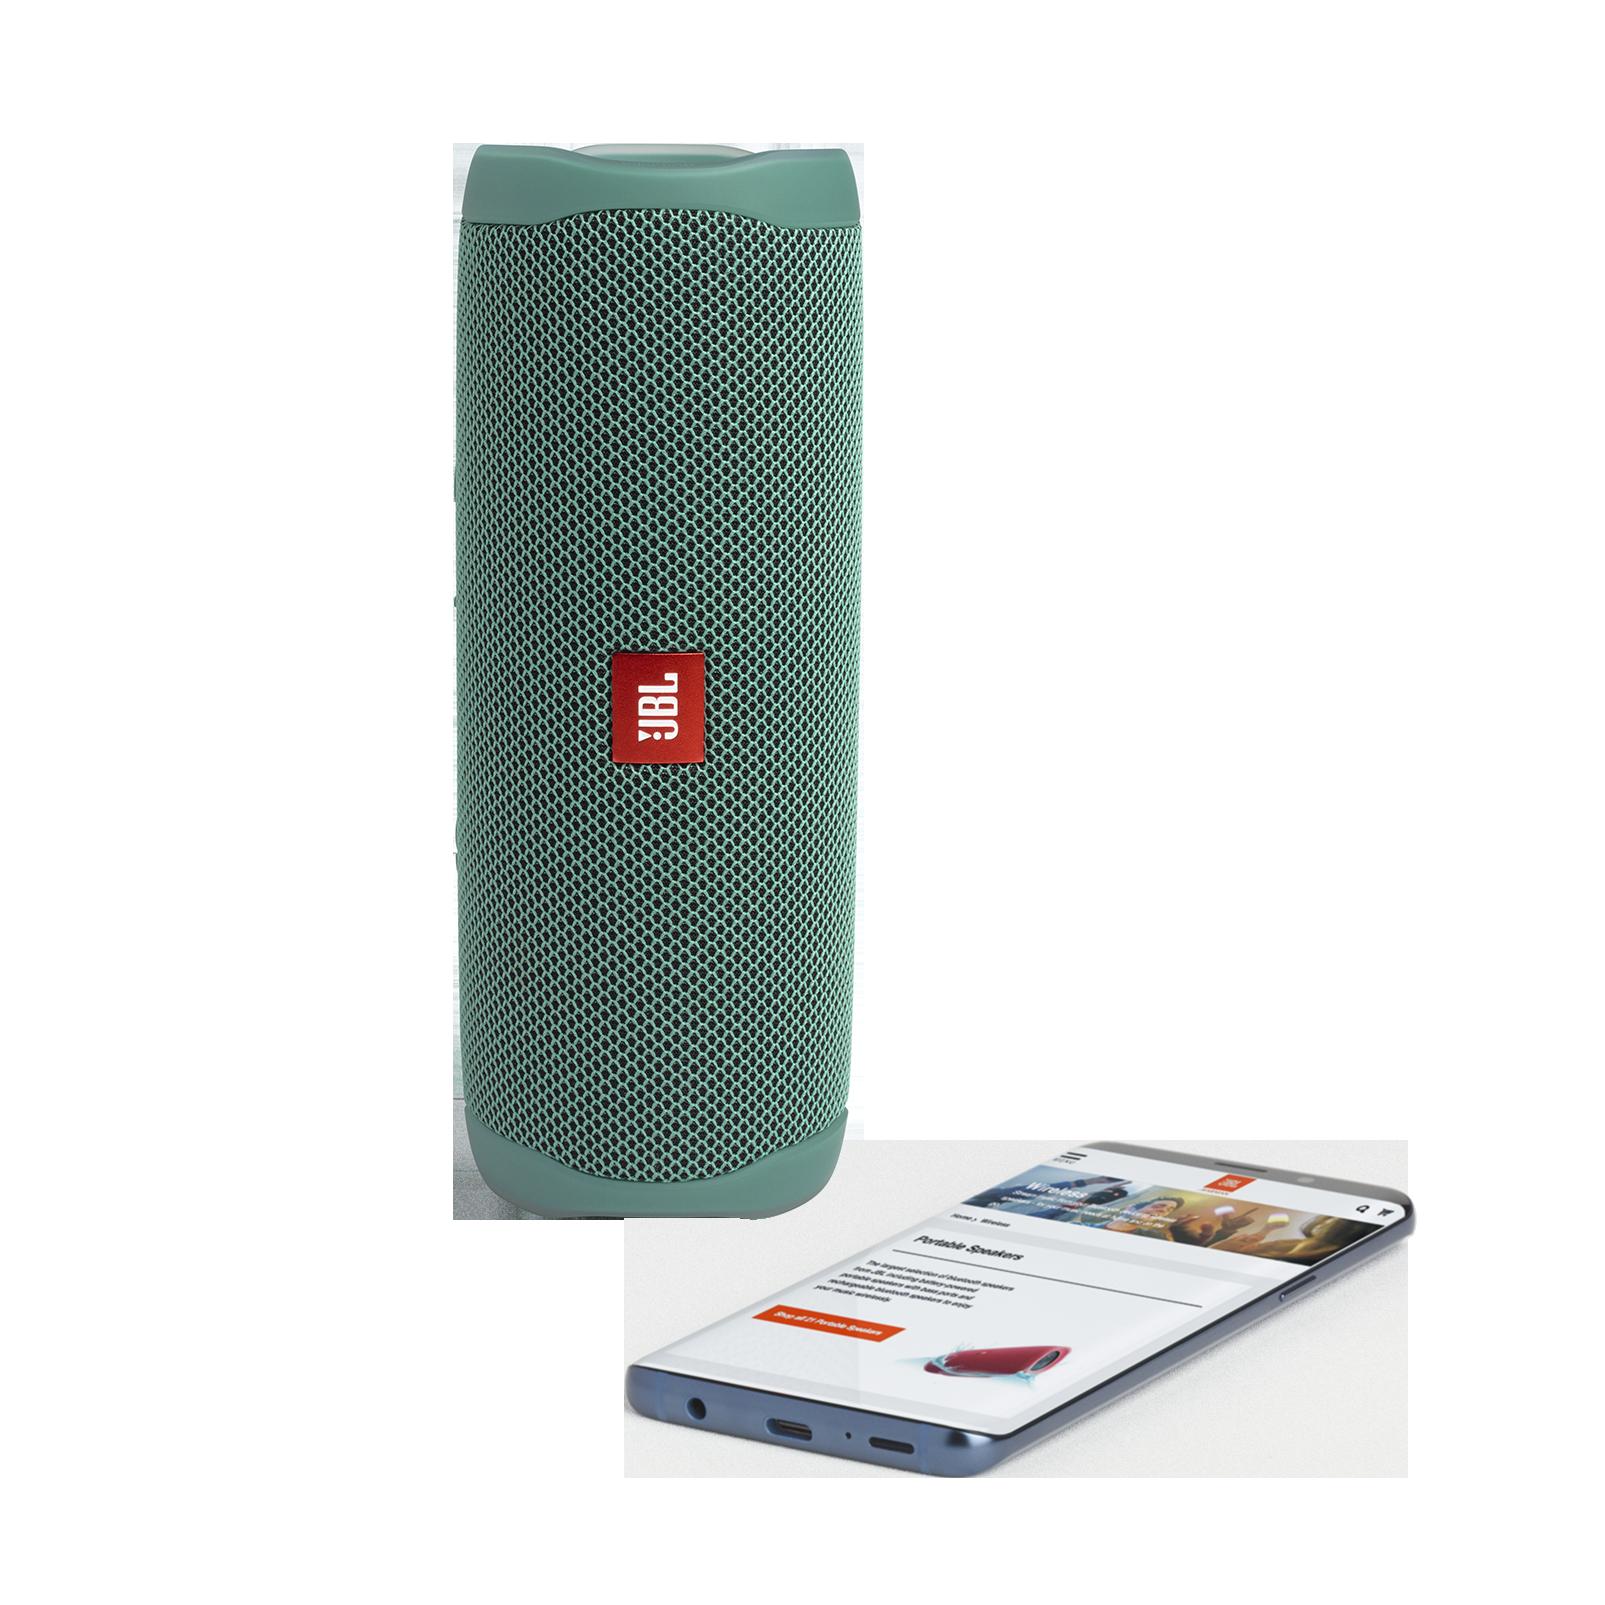 JBL Flip 5 Eco edition - Forest Green - Portable Speaker - Eco edition - Detailshot 1